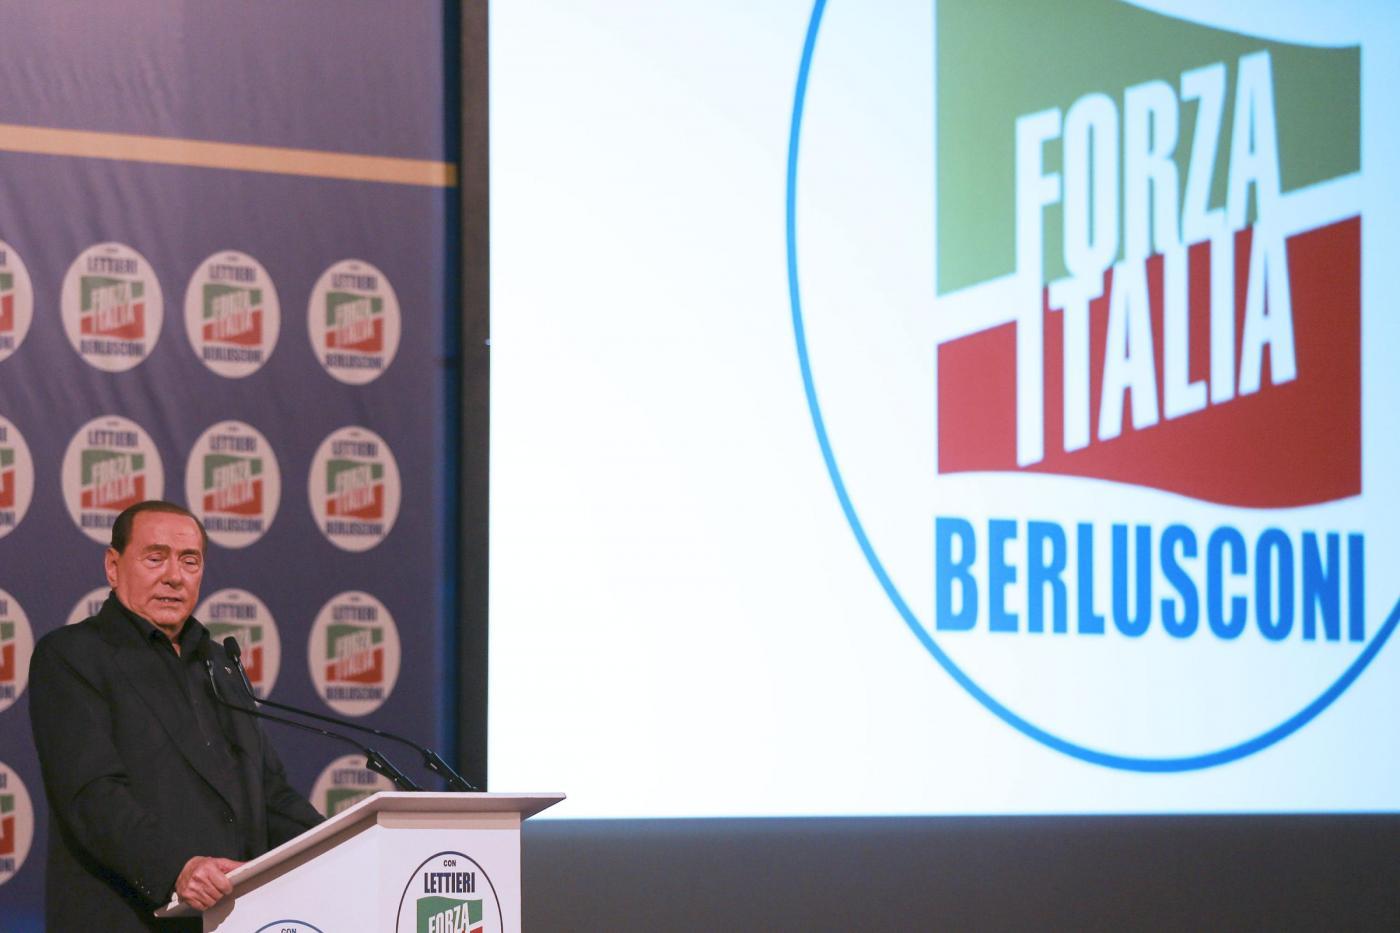 Forza Italia Berlusconi successori